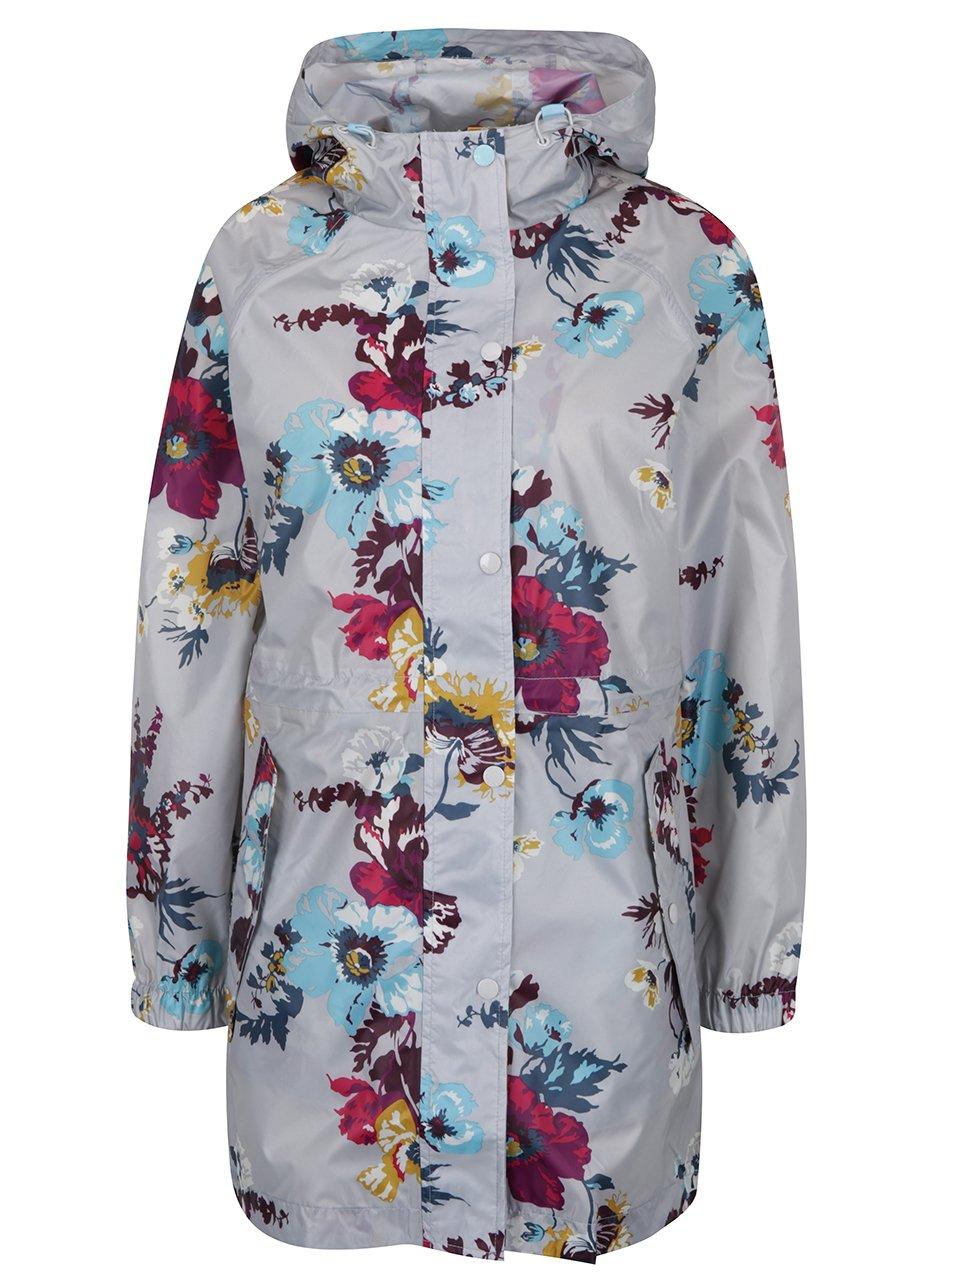 Šedá dámská květovaná pláštěnka Tom Joule